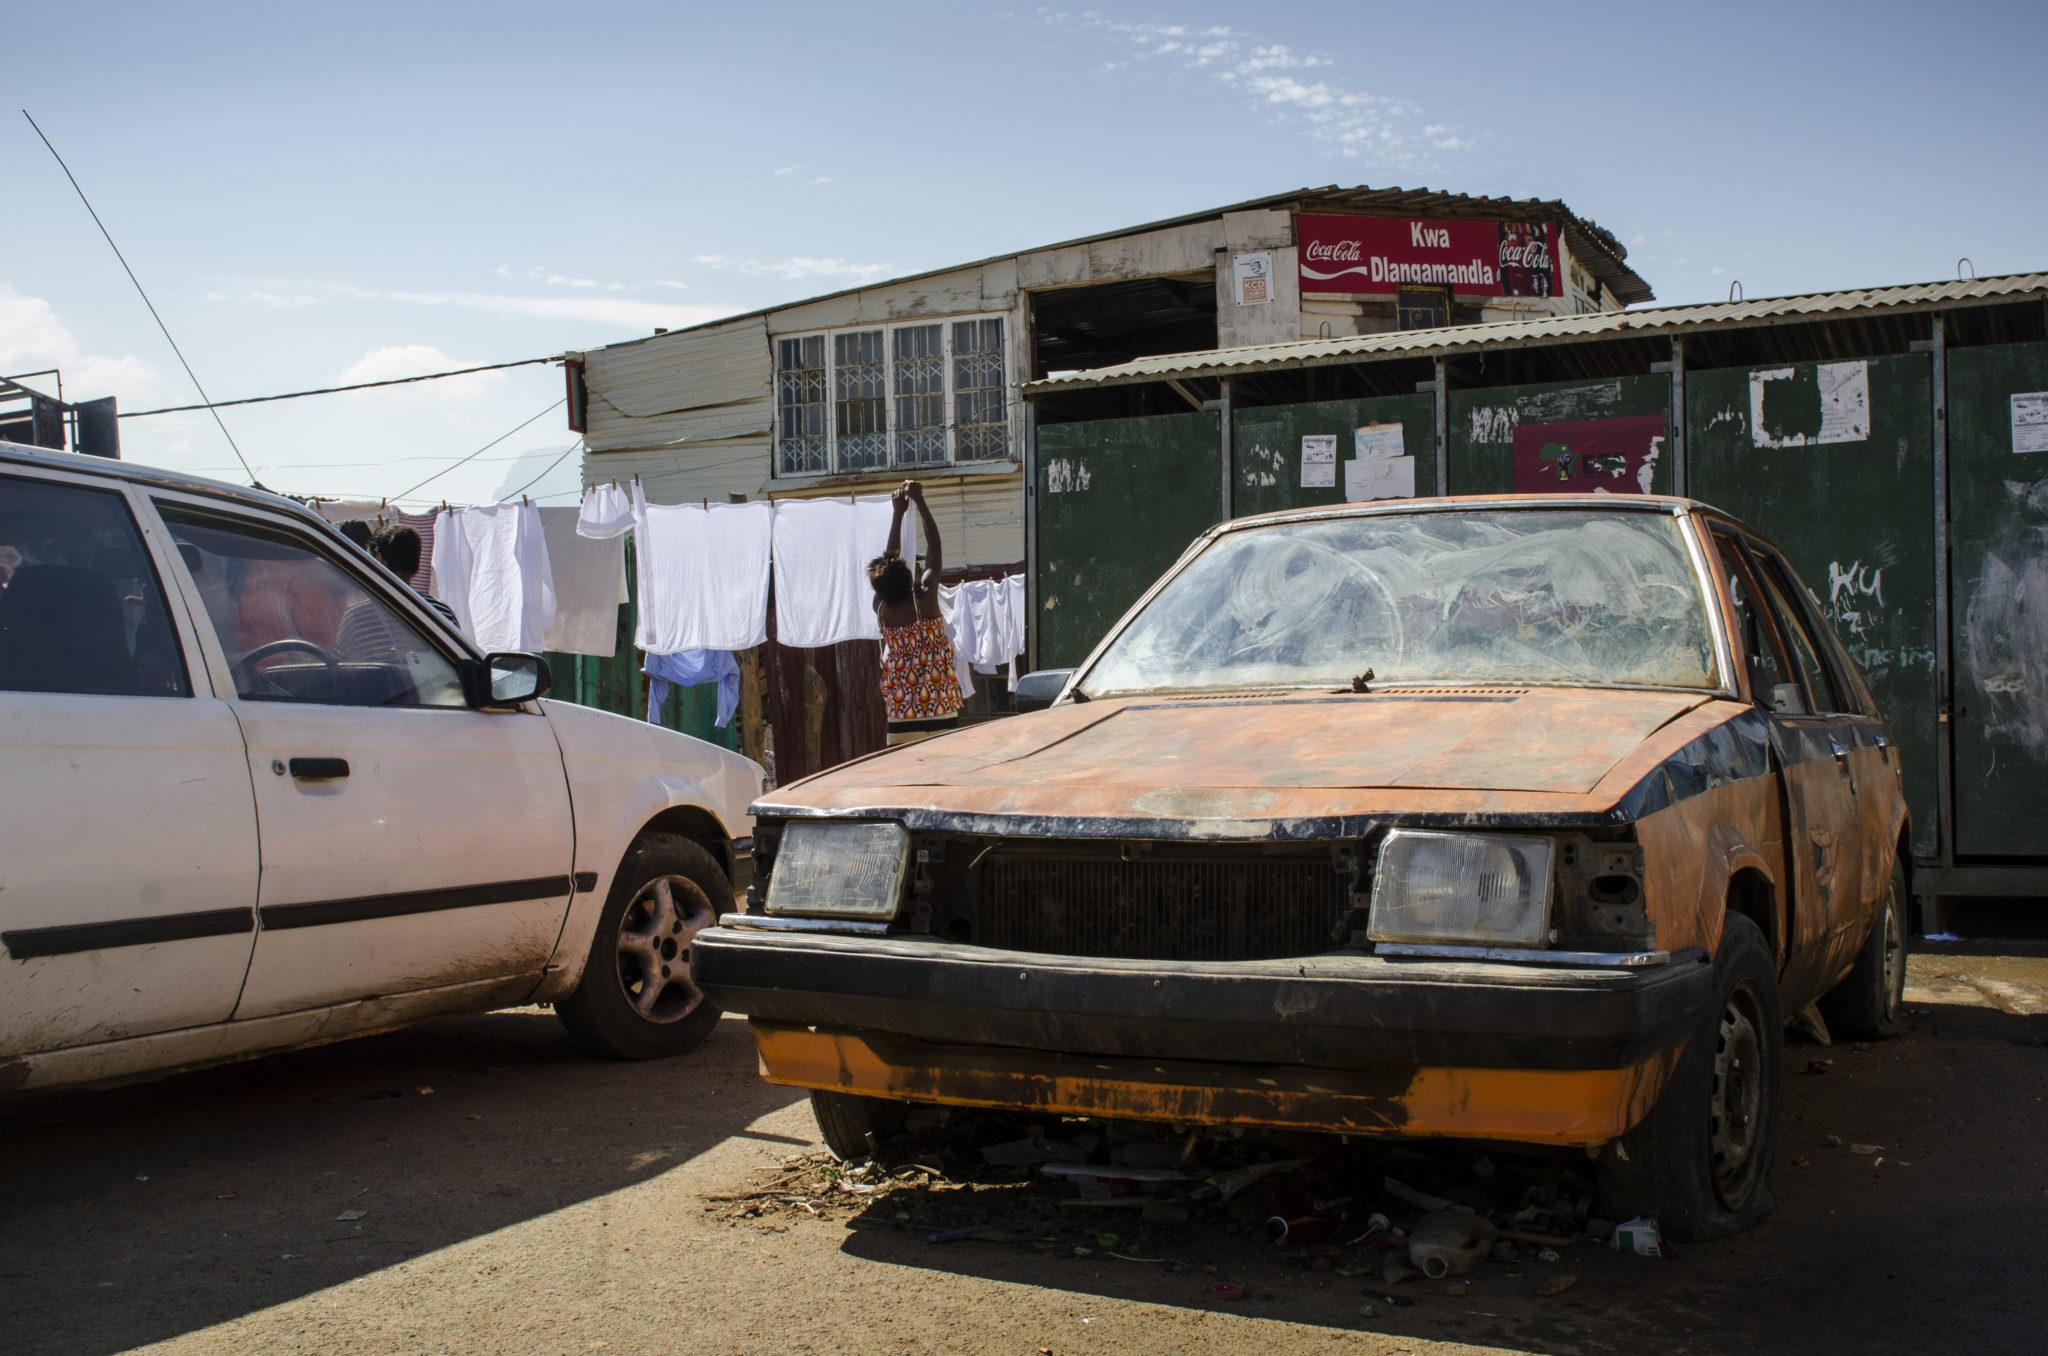 kayamandi-township-stellenbosch-southafrica-car